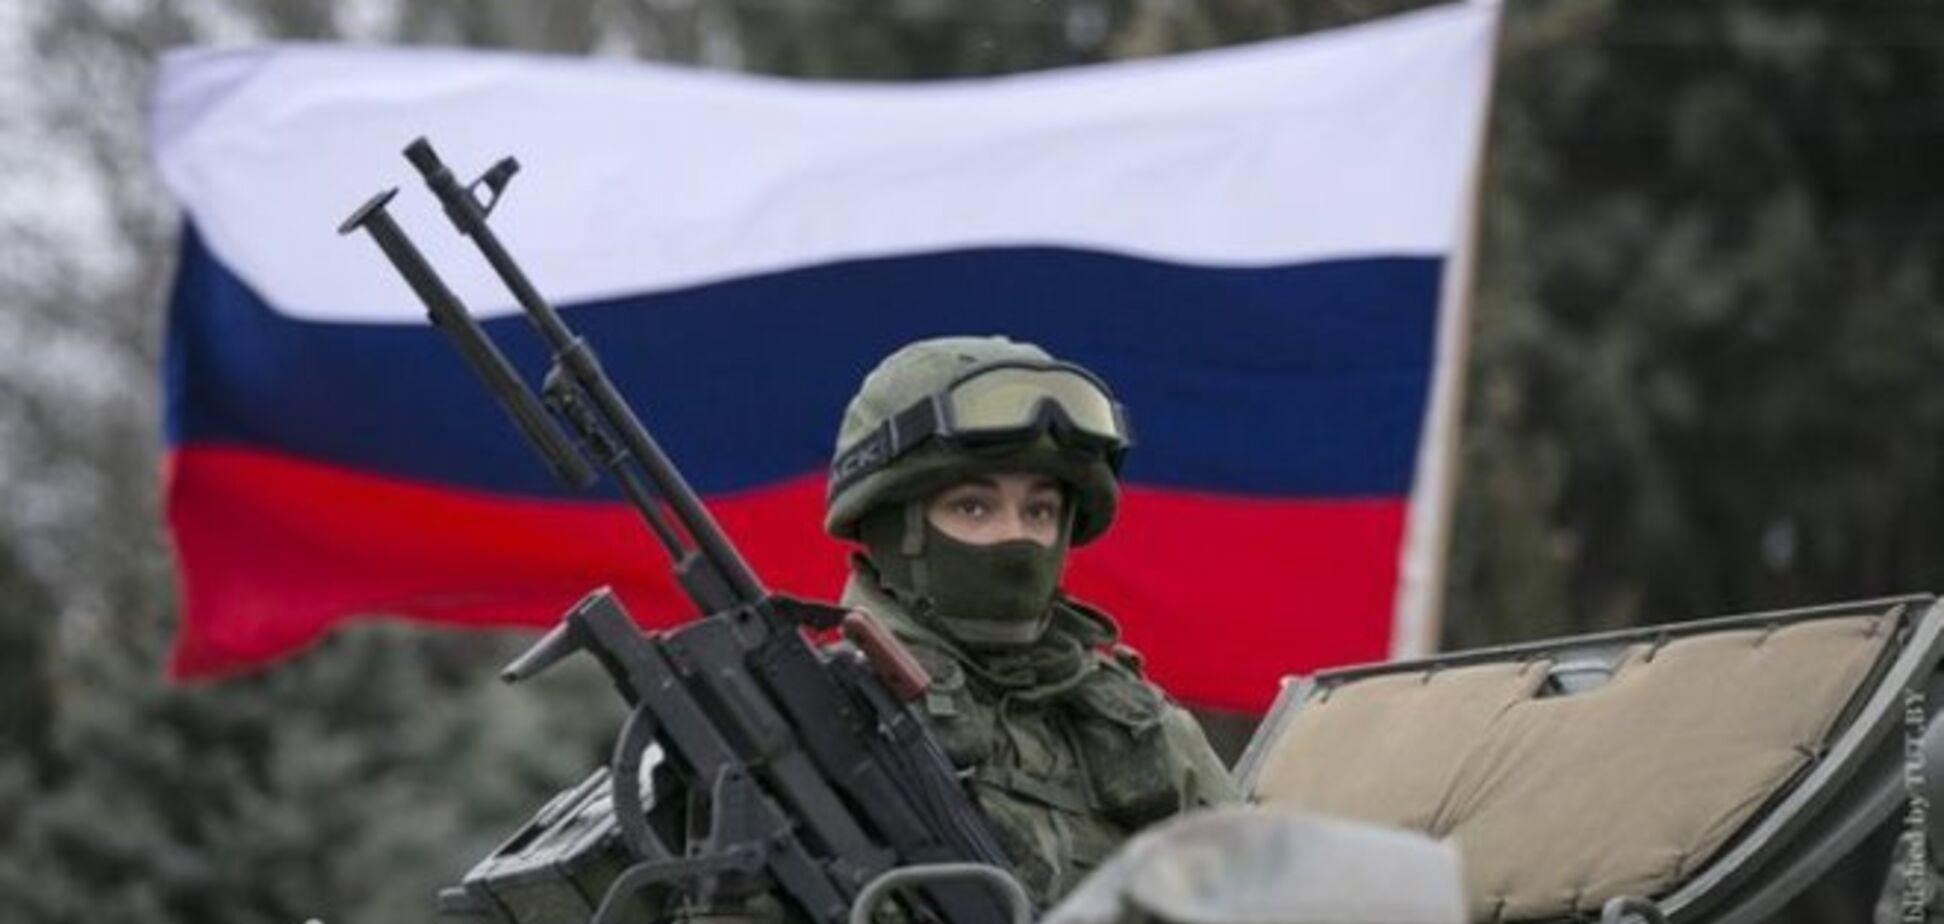 Военный эксперт дал прогноз действий Путина и войск РФ на Донбассе